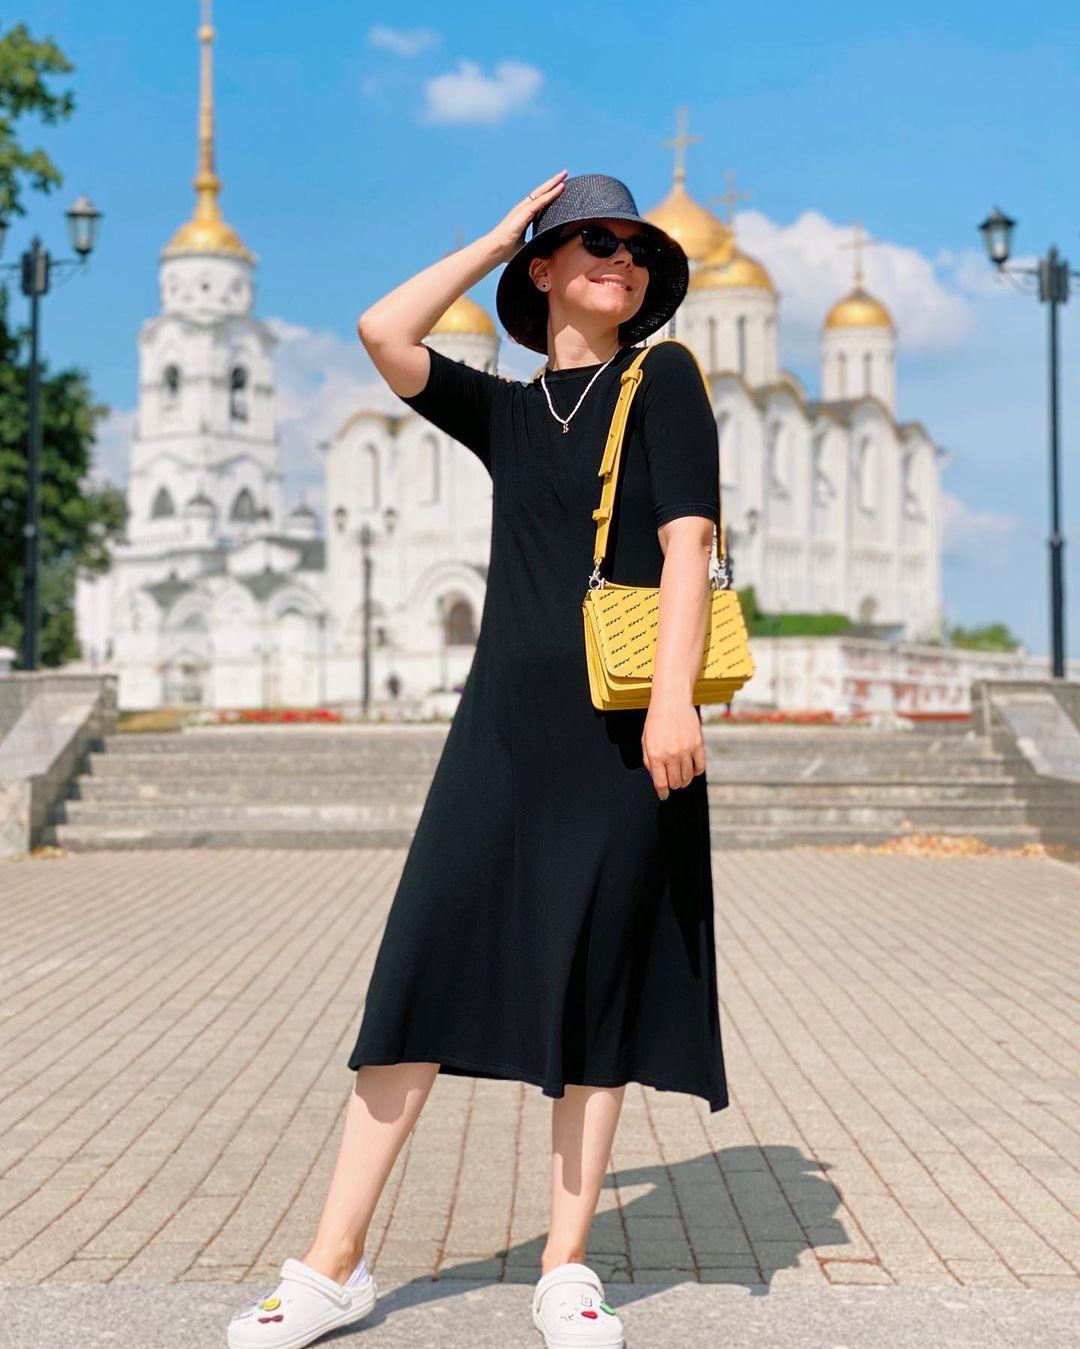 Внешний вид: надев кроксы, Татьяна Брухунова отправилась на прогулку по Владимиру